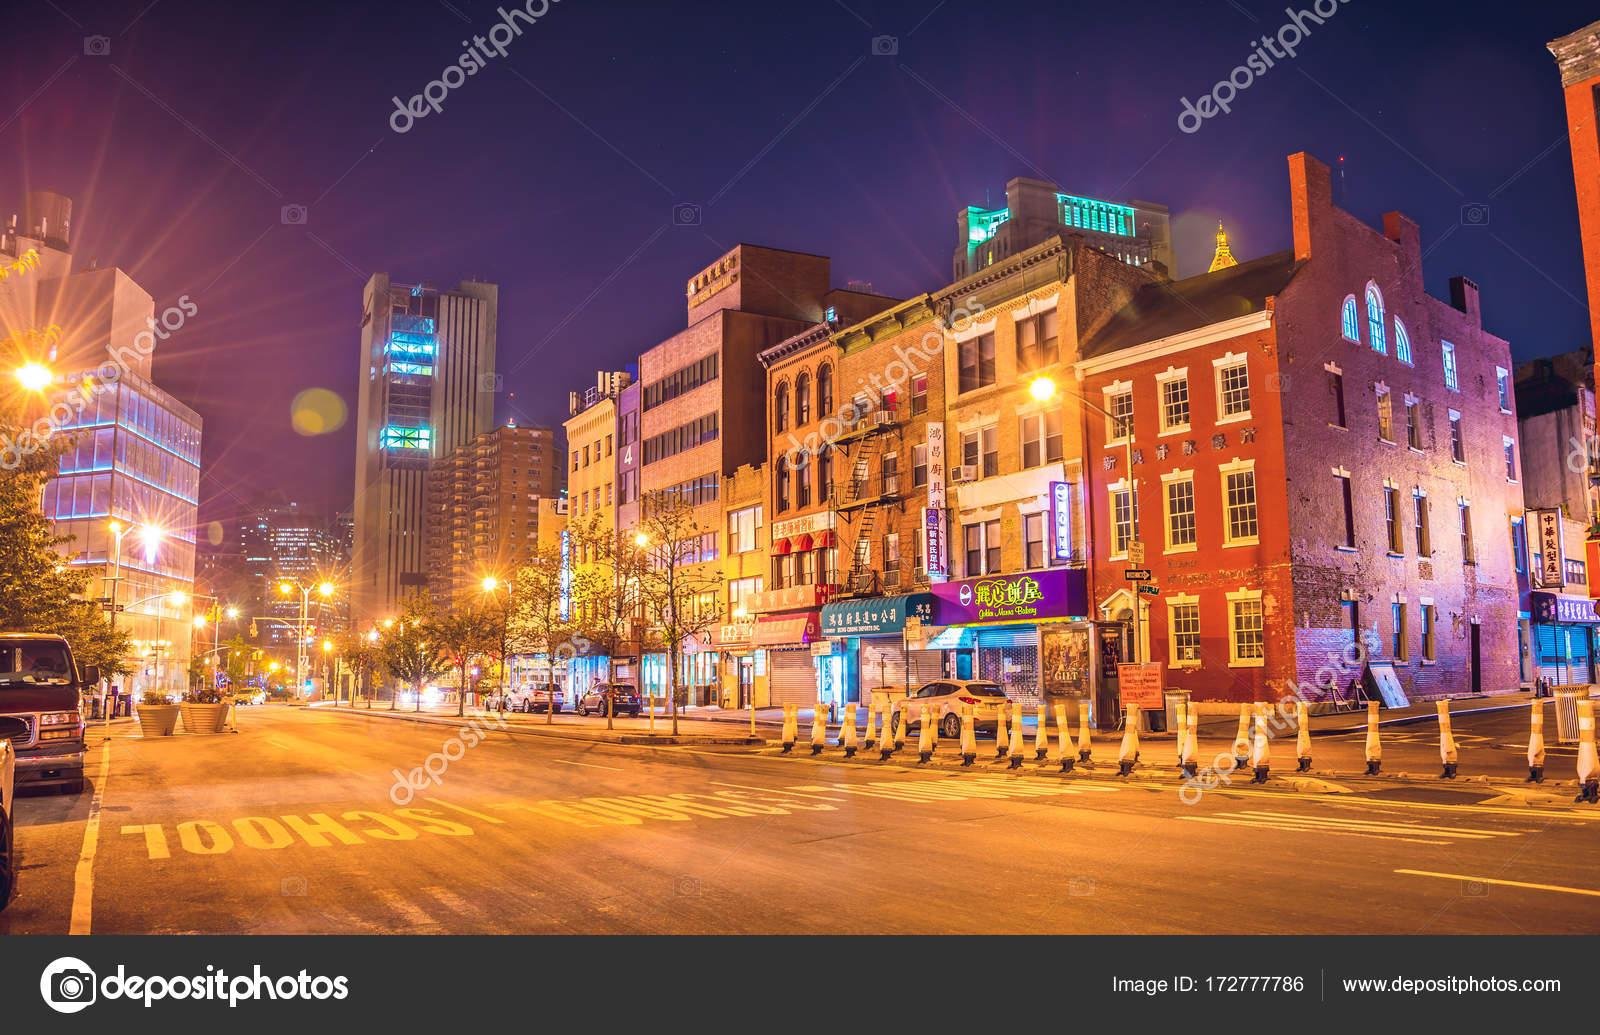 New York City At Night Chinatown Stock Photo C Chumakov16 172777786